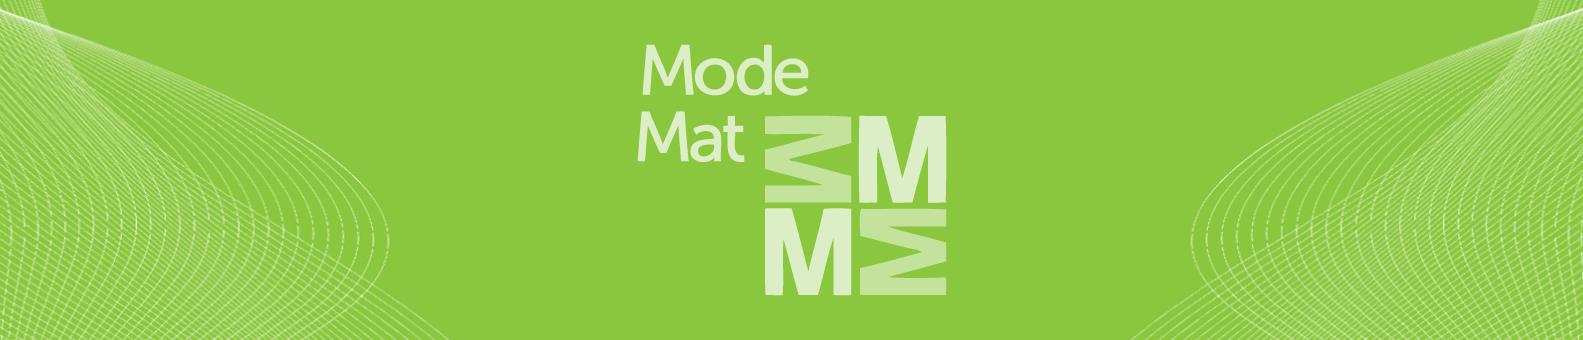 banner_modemat